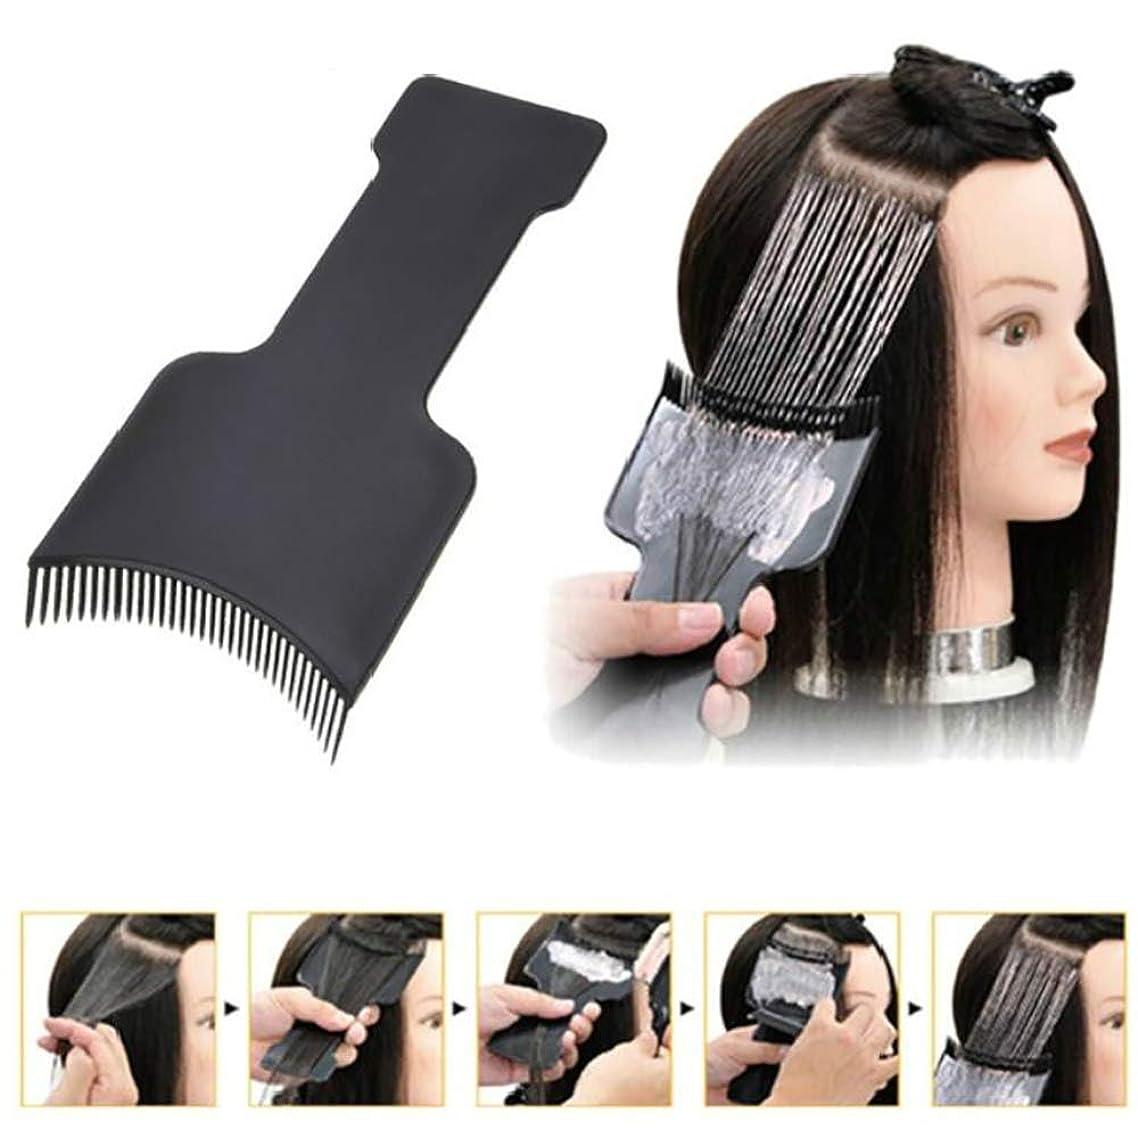 まとめる荷物研磨プロのファッション理髪ヘアアプリケータブラシ調剤サロンヘアカラーリング染色ピックカラーボードヘアスタイリングツール (M,ブラック)